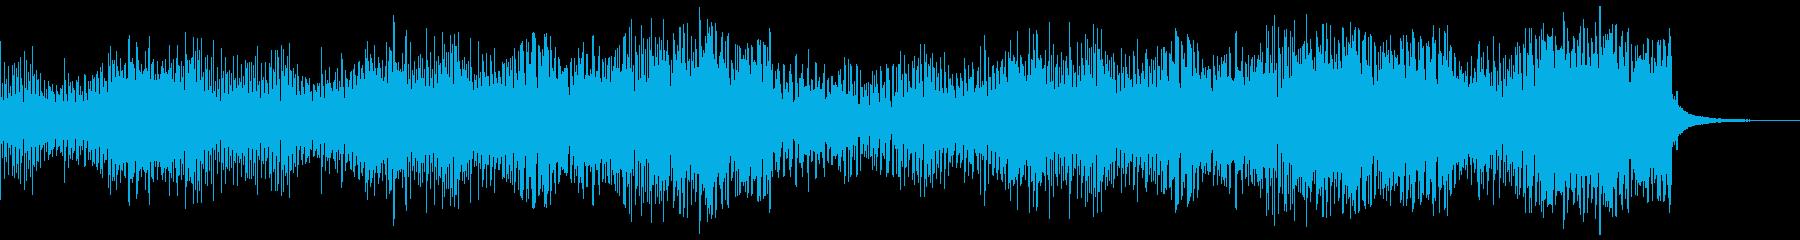 【リズム抜】かわいい感じのゆるやかテクノの再生済みの波形